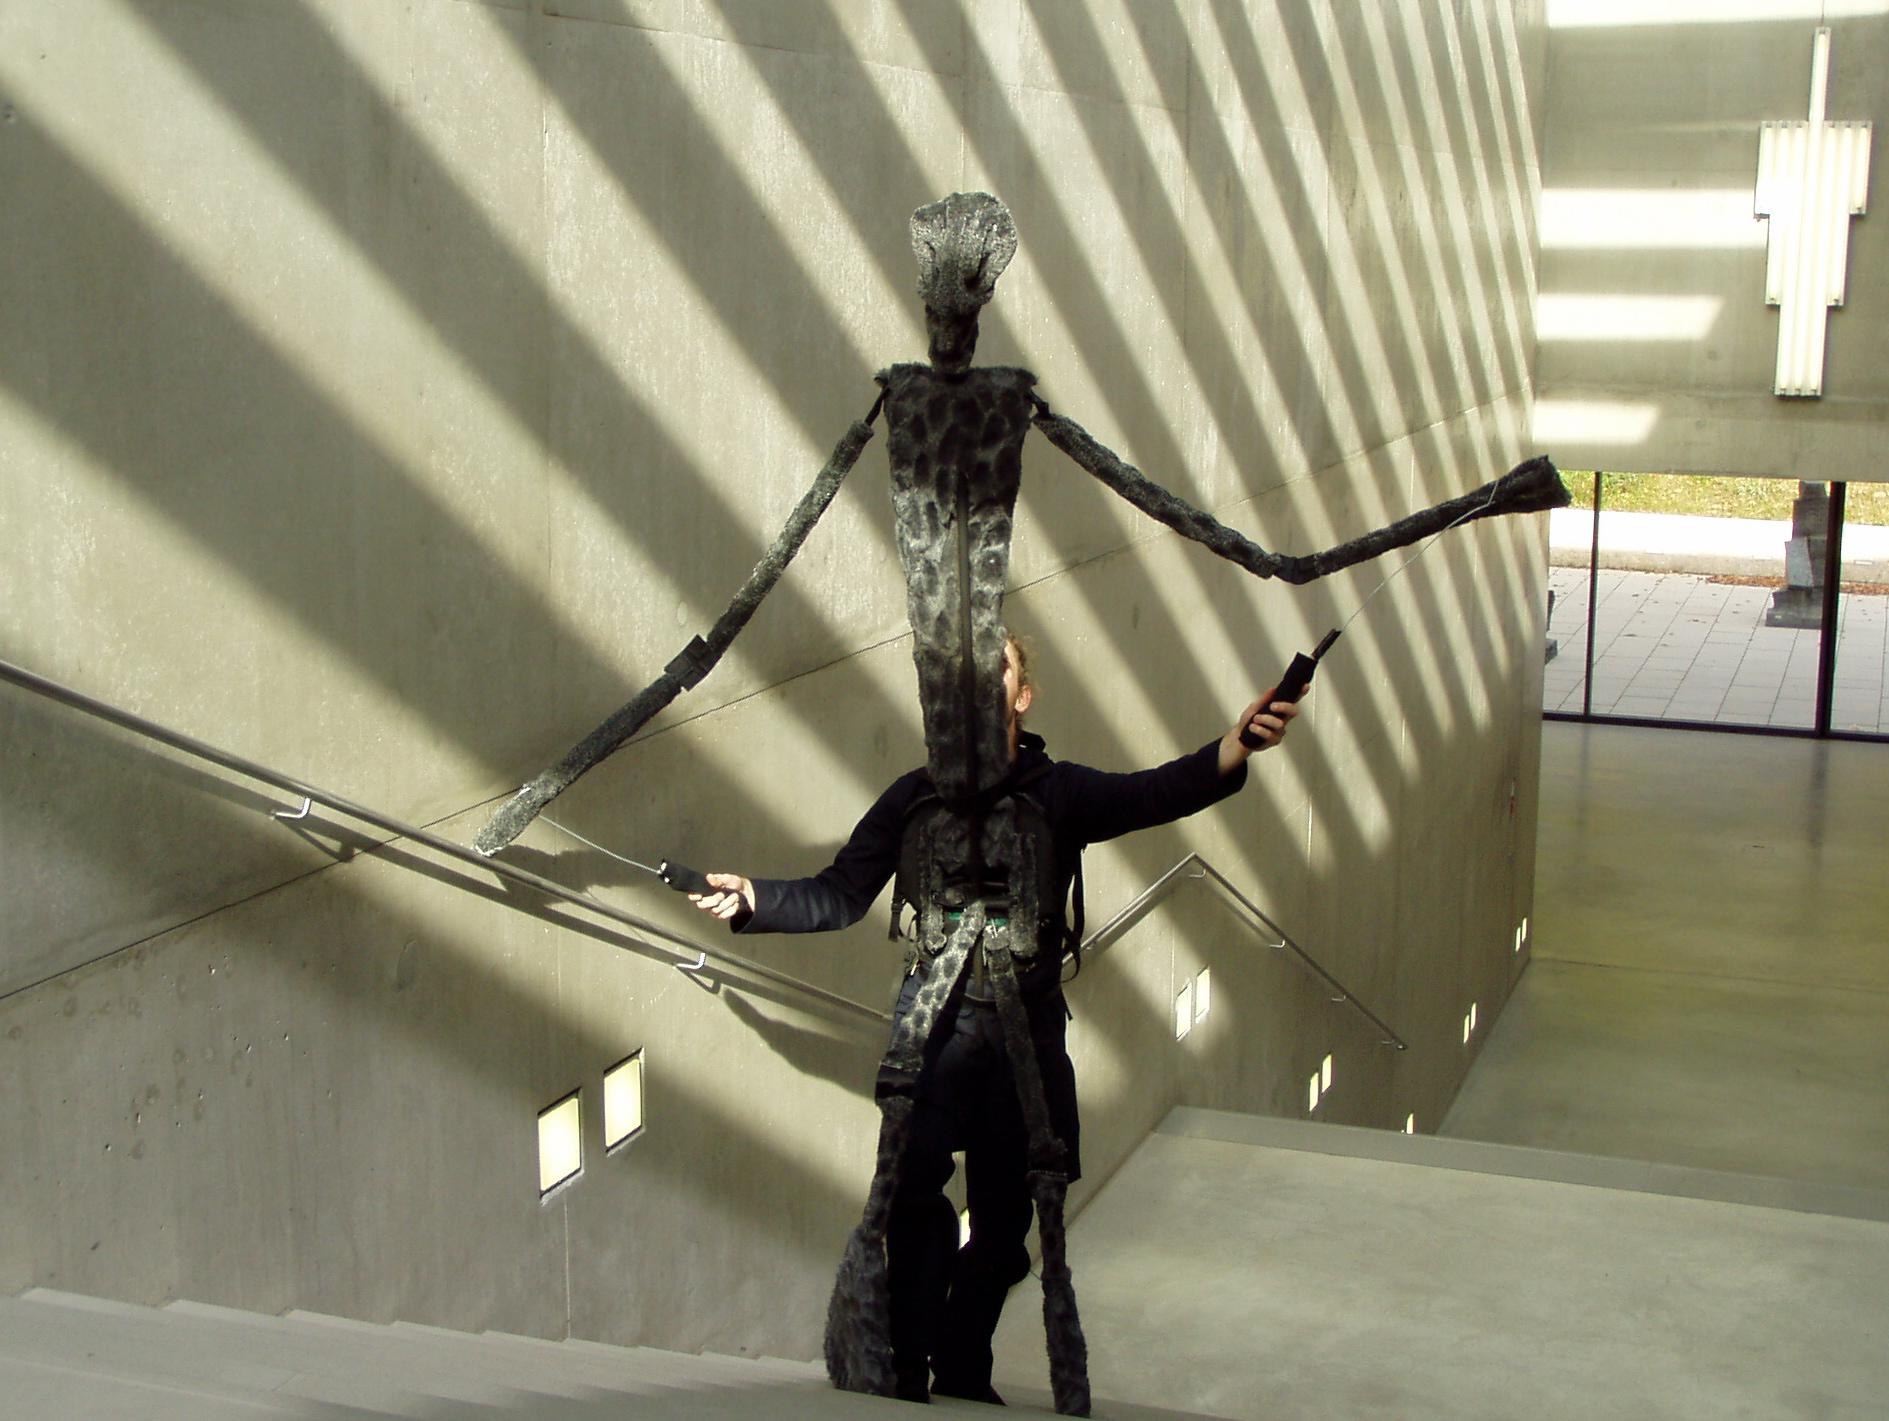 https://i1.wp.com/upload.wikimedia.org/wikipedia/commons/0/0e/Karin-schaefer-puppet-museum-modern-art-salzburg.jpg